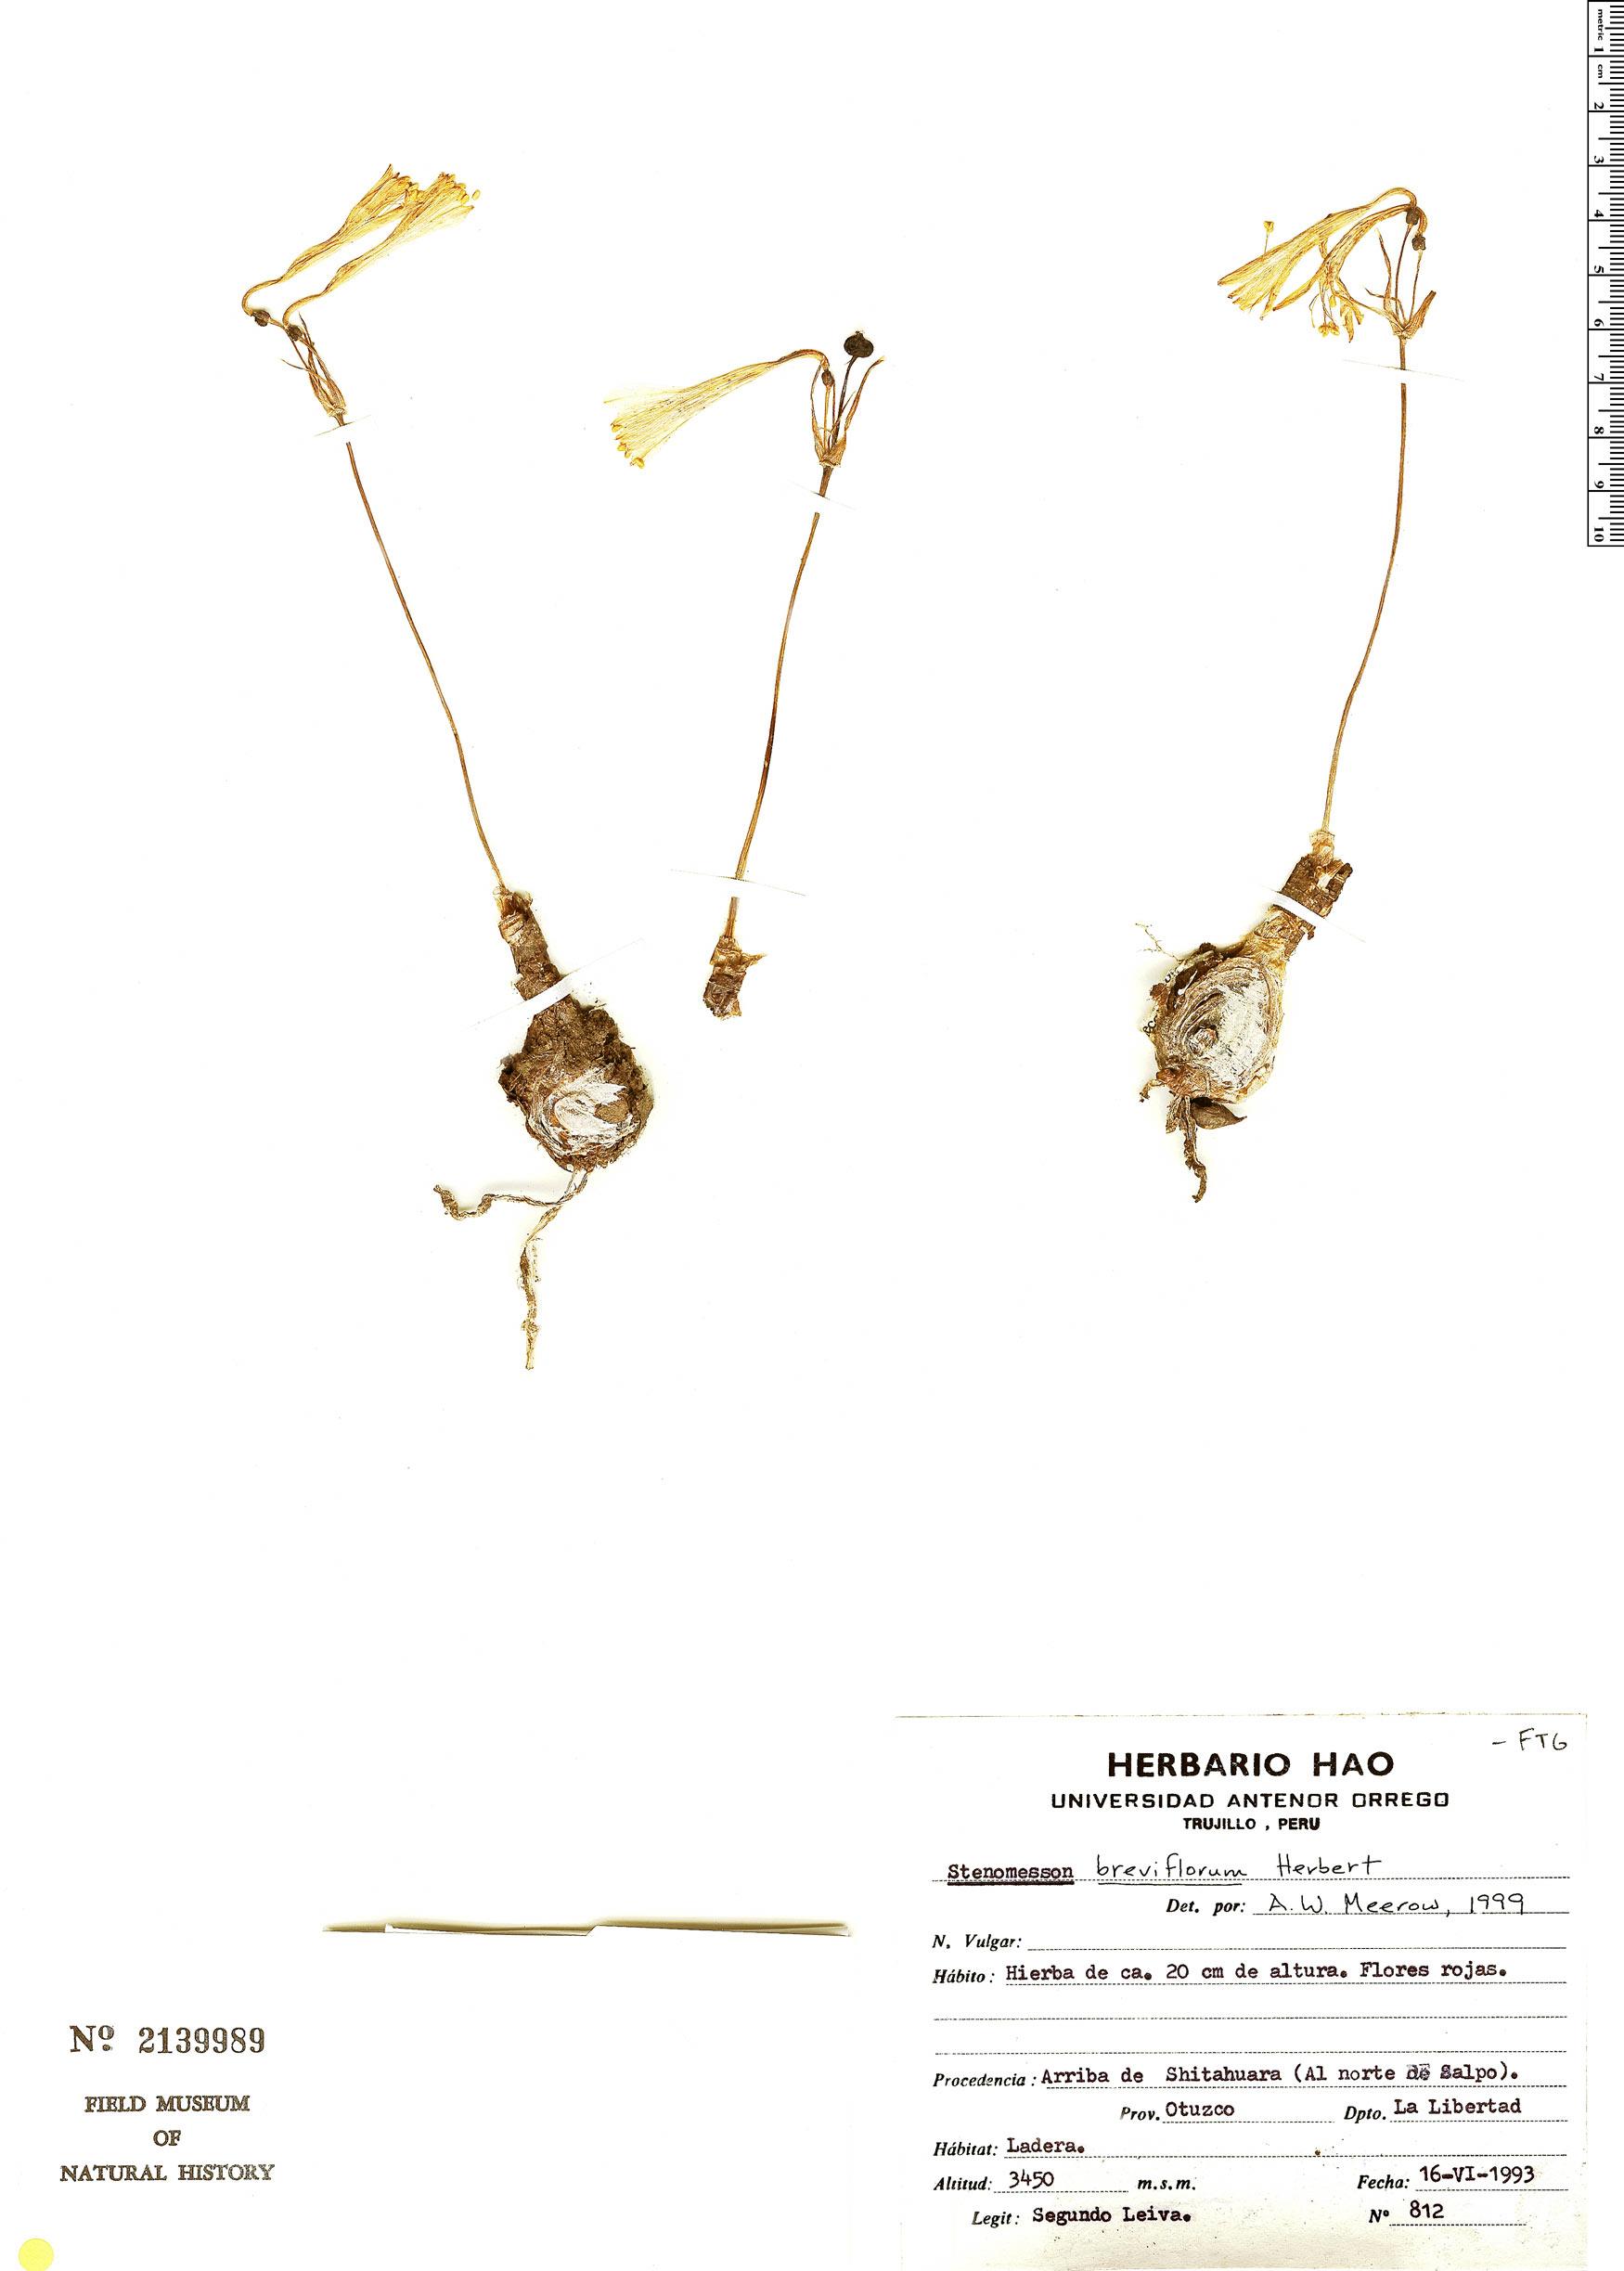 Specimen: Stenomesson breviflorum